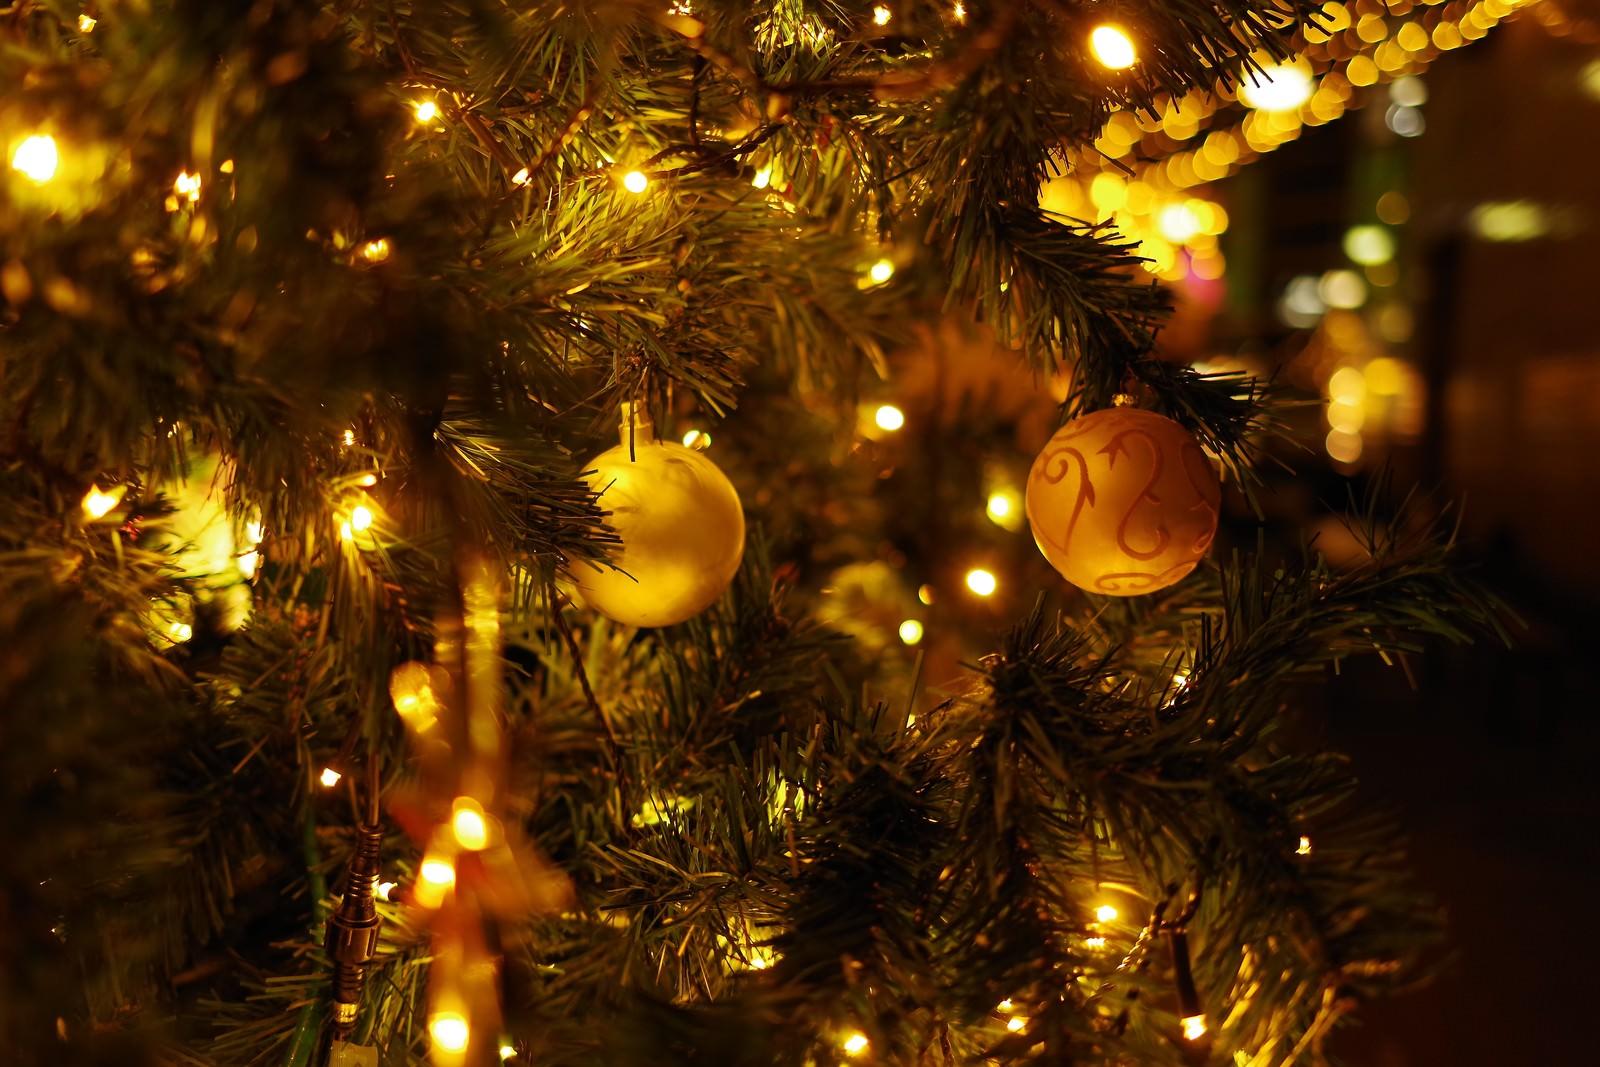 「クリスマスツリーの装飾」の写真